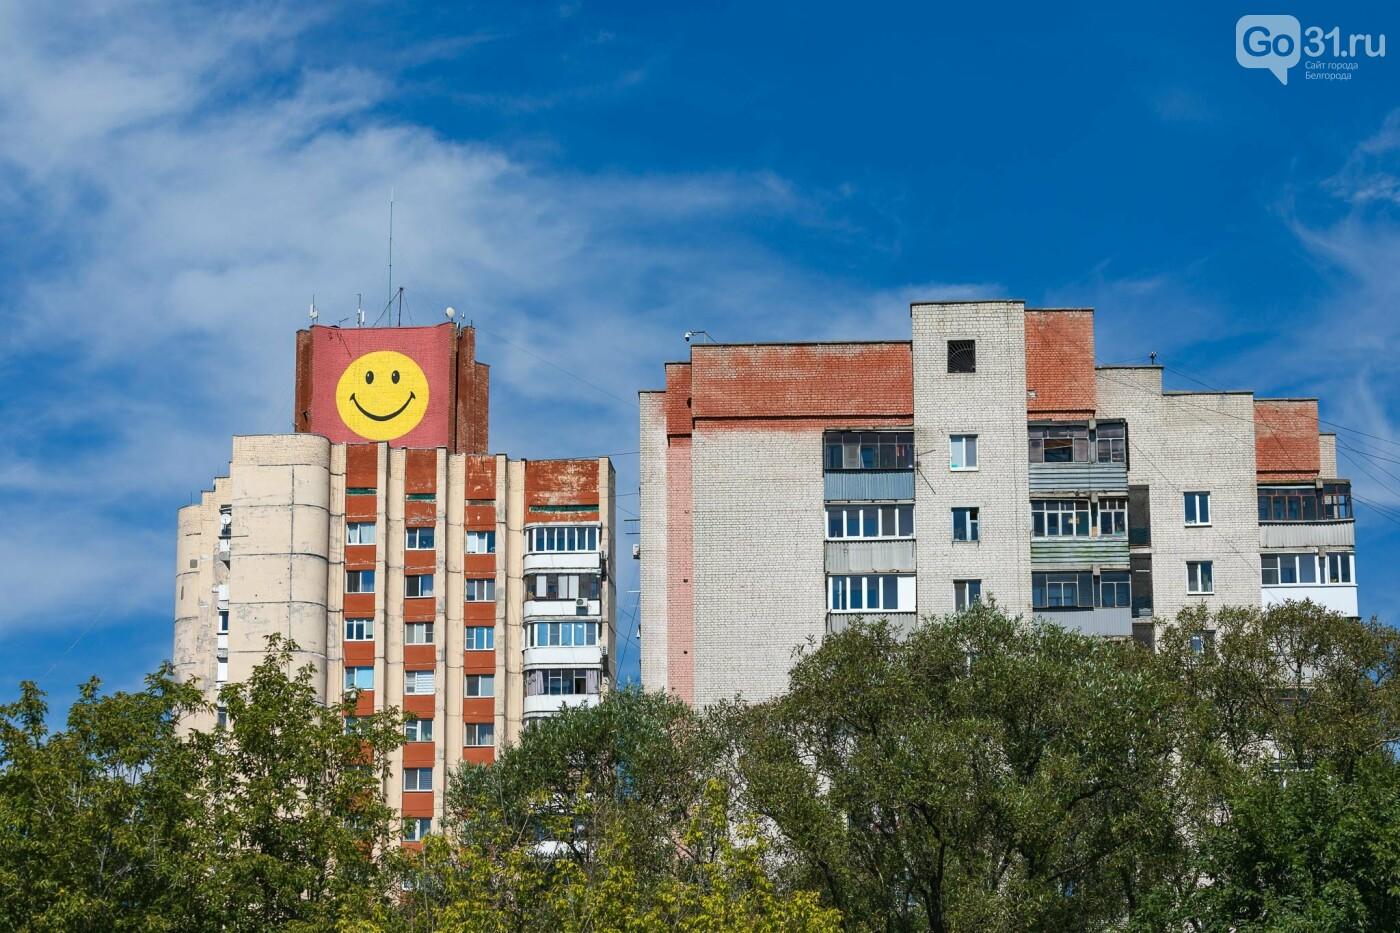 Кого можно встретить в предосеннем Белгороде. Фоторепортаж, фото-46, Фото: Антон Вергун